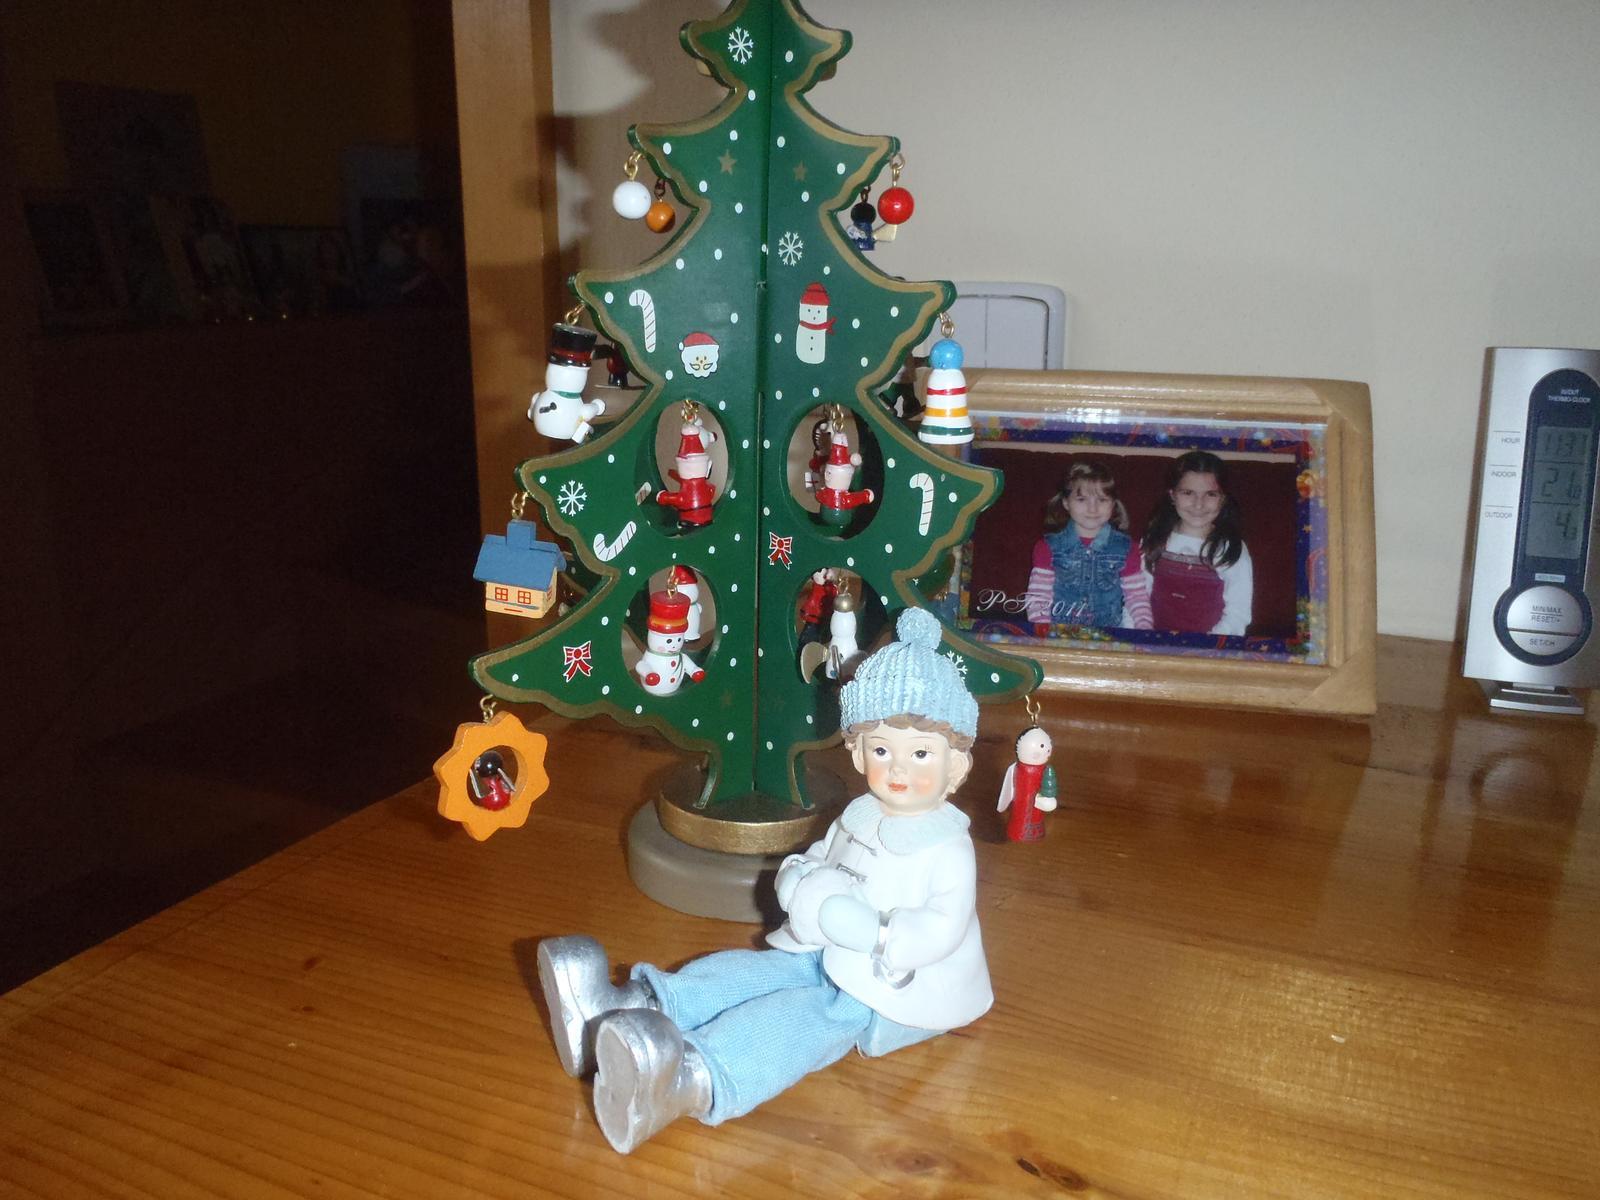 Vánoce 2012 - další můj vánoční stromeček